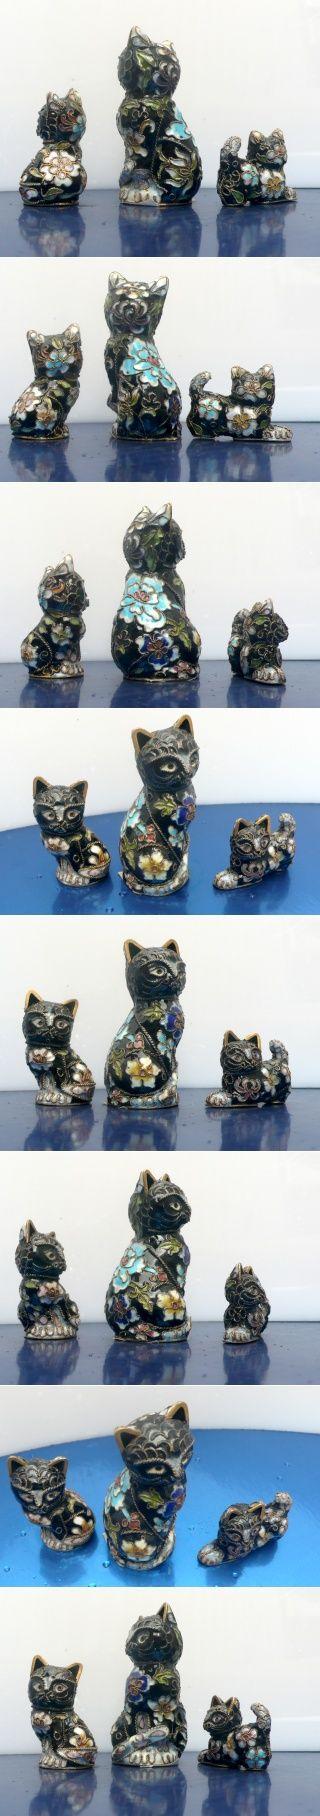 cloisonne 3 cat family